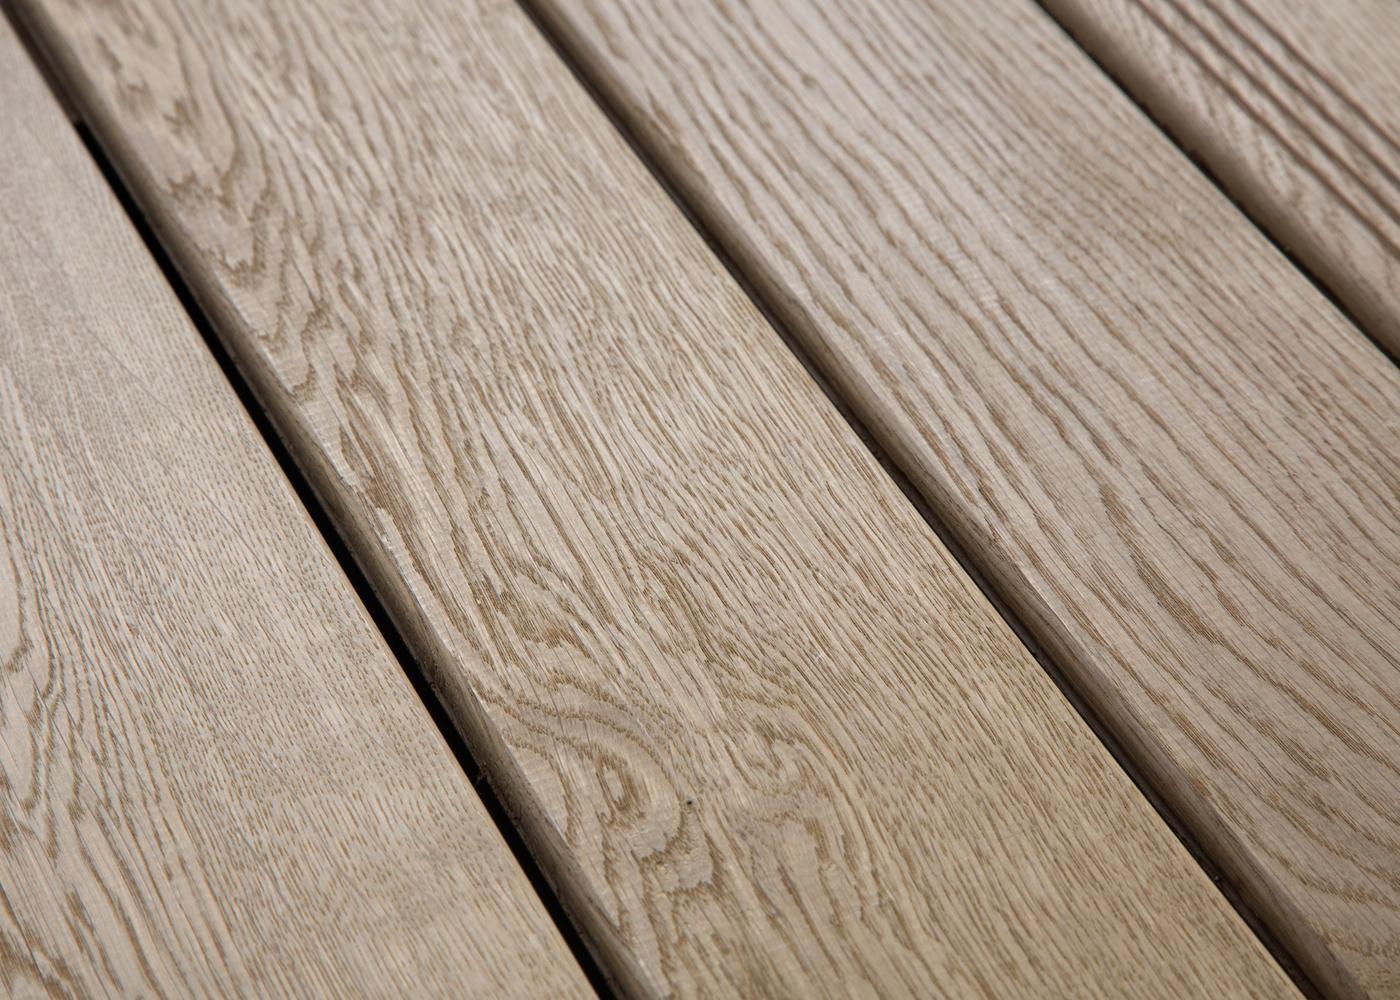 Lame Terrasse Chêne Massif Fixation Invisible ou à Visser 1 Face Lisse / 1 Face Antidérapante Profil Peigné - Ep:21mm 21x120x800-2400